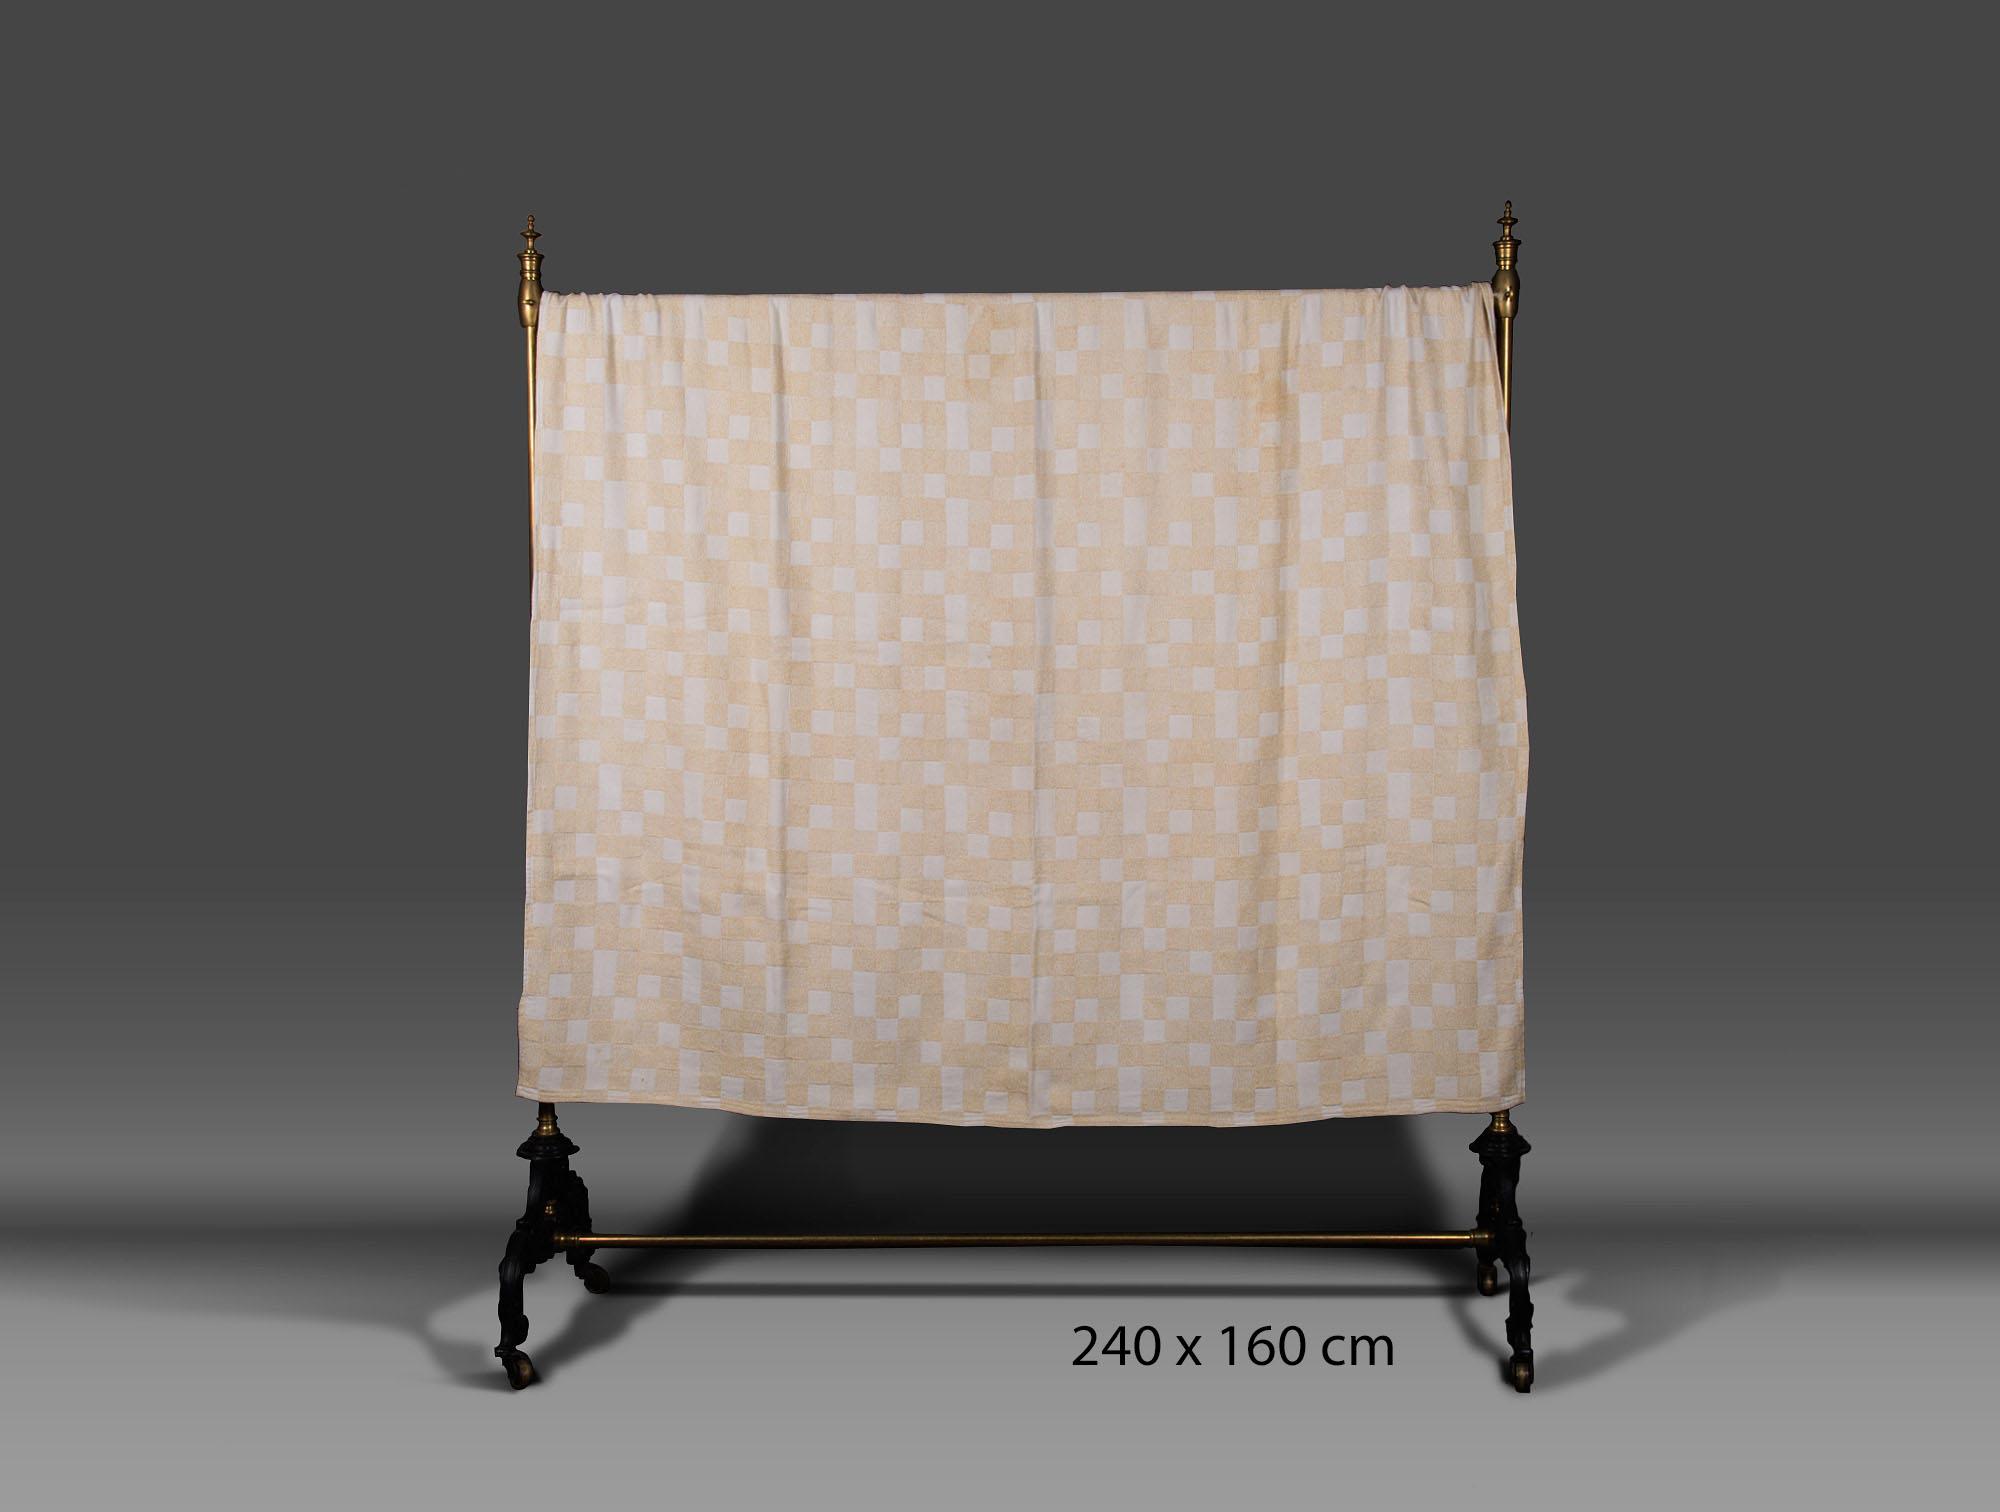 dessus de lit carreaux beige soubrier louer tissus dessus de lit xxe. Black Bedroom Furniture Sets. Home Design Ideas